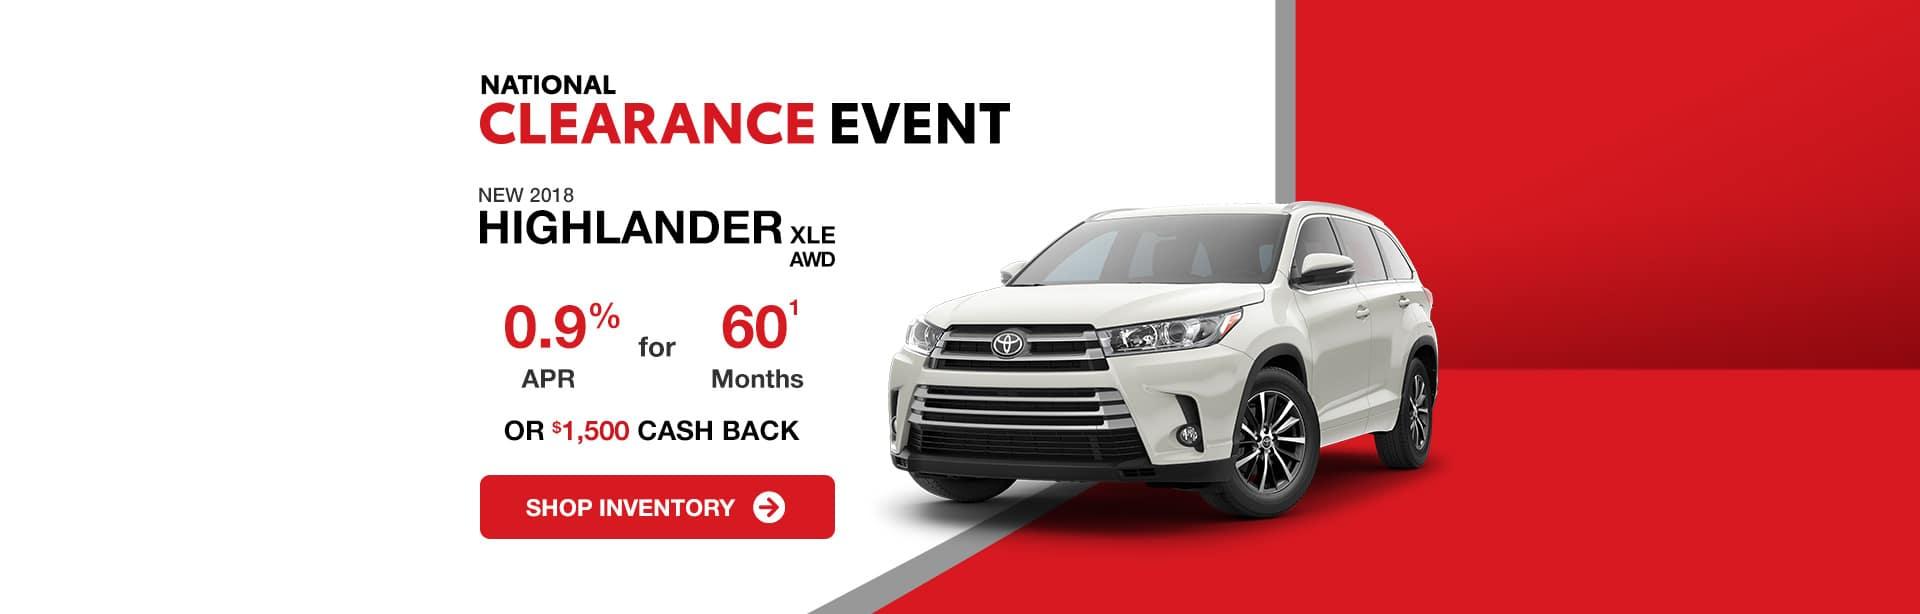 Toyota Highlander Cash Back Offer Ends September 4, 2018. Come visit us for the Best Deal!